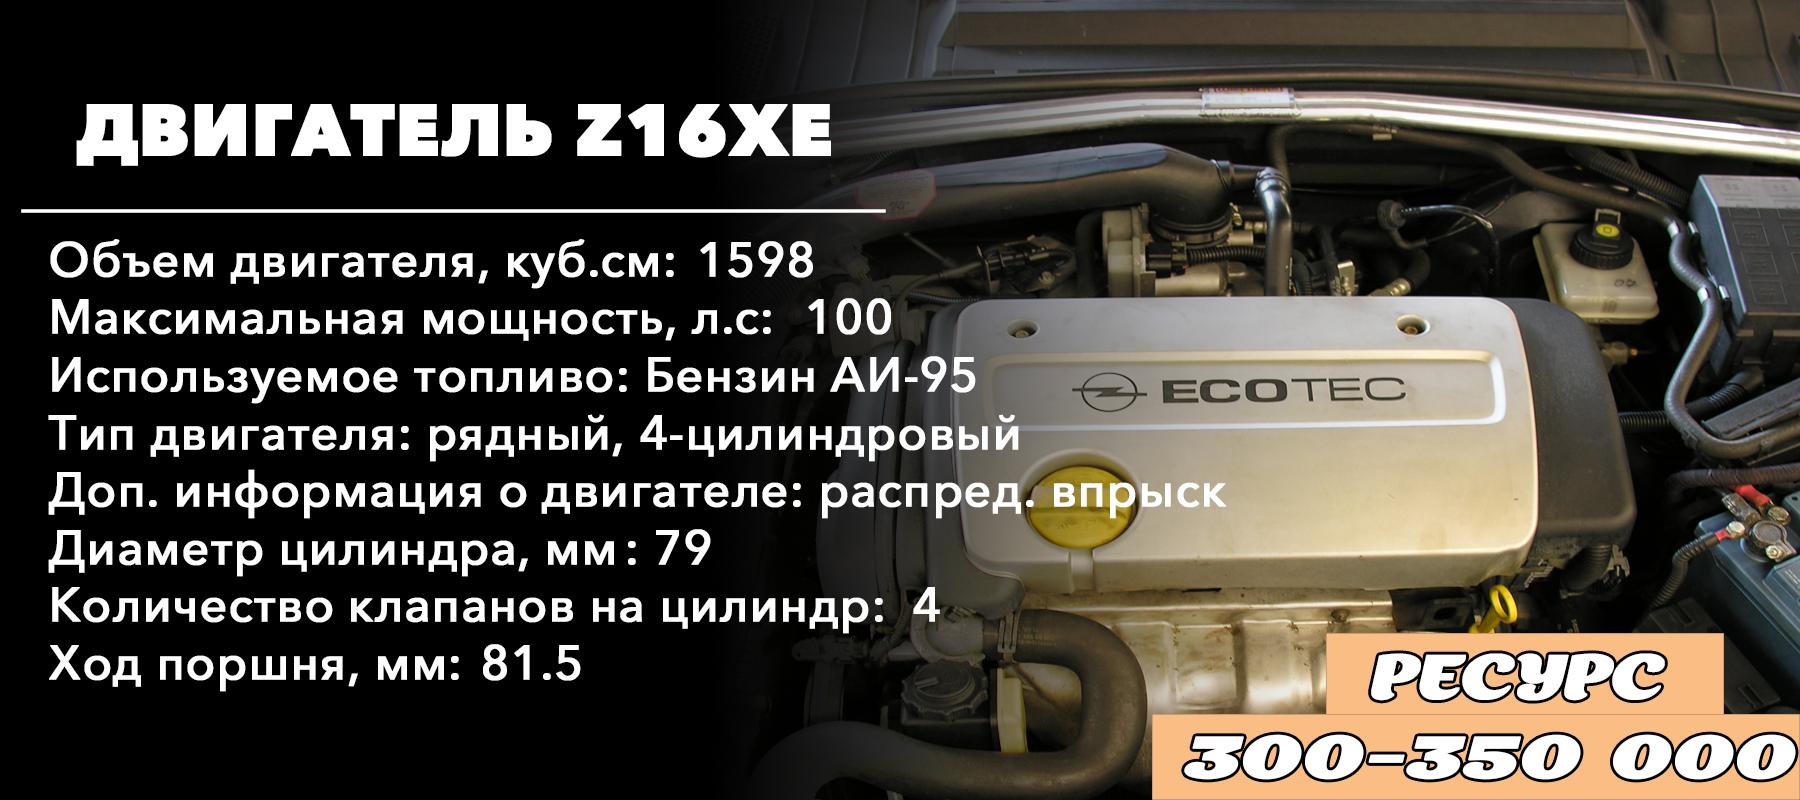 Ресурс двигателя 1.6 - Z16XE